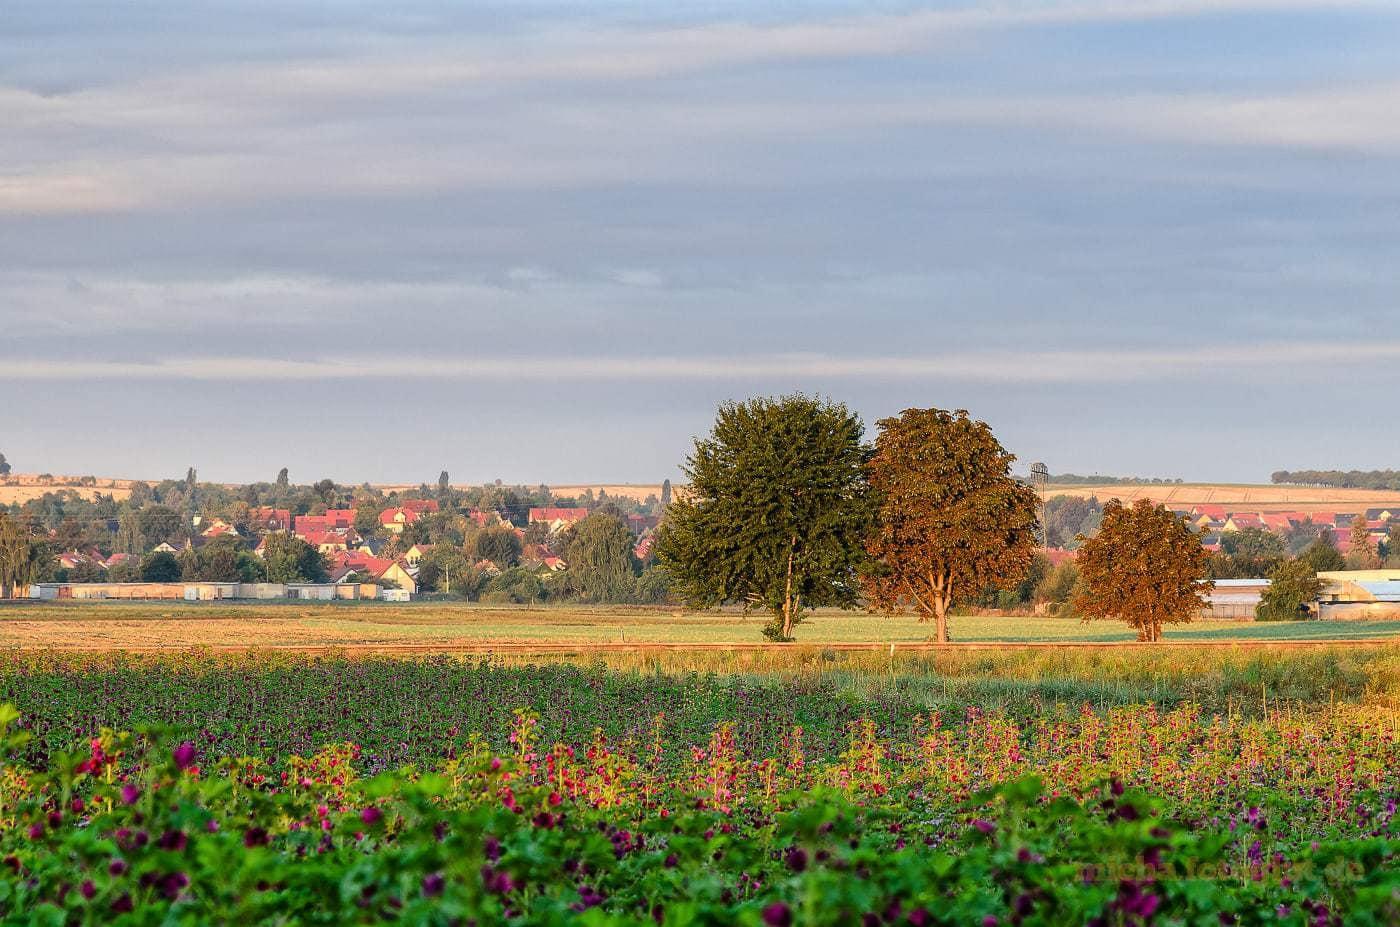 August - An einem schönen Morgen macht diese Familie einen kleinen Ausflug.. - Foto: Michael Stollmann